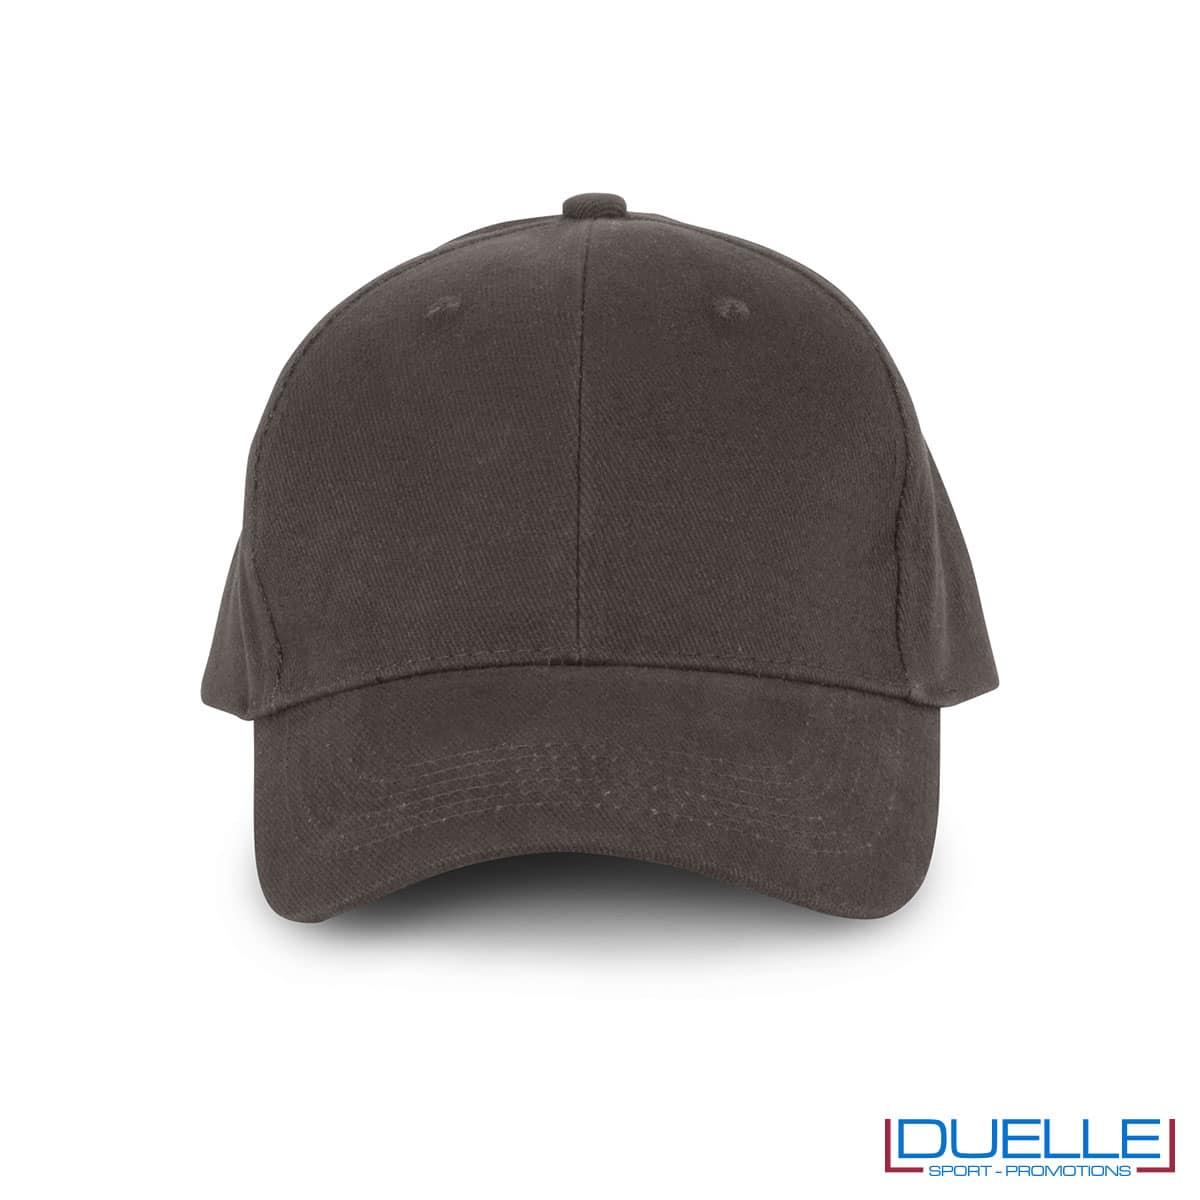 Cappellino in cotone biologico personalizzato con ricamo colore grigio